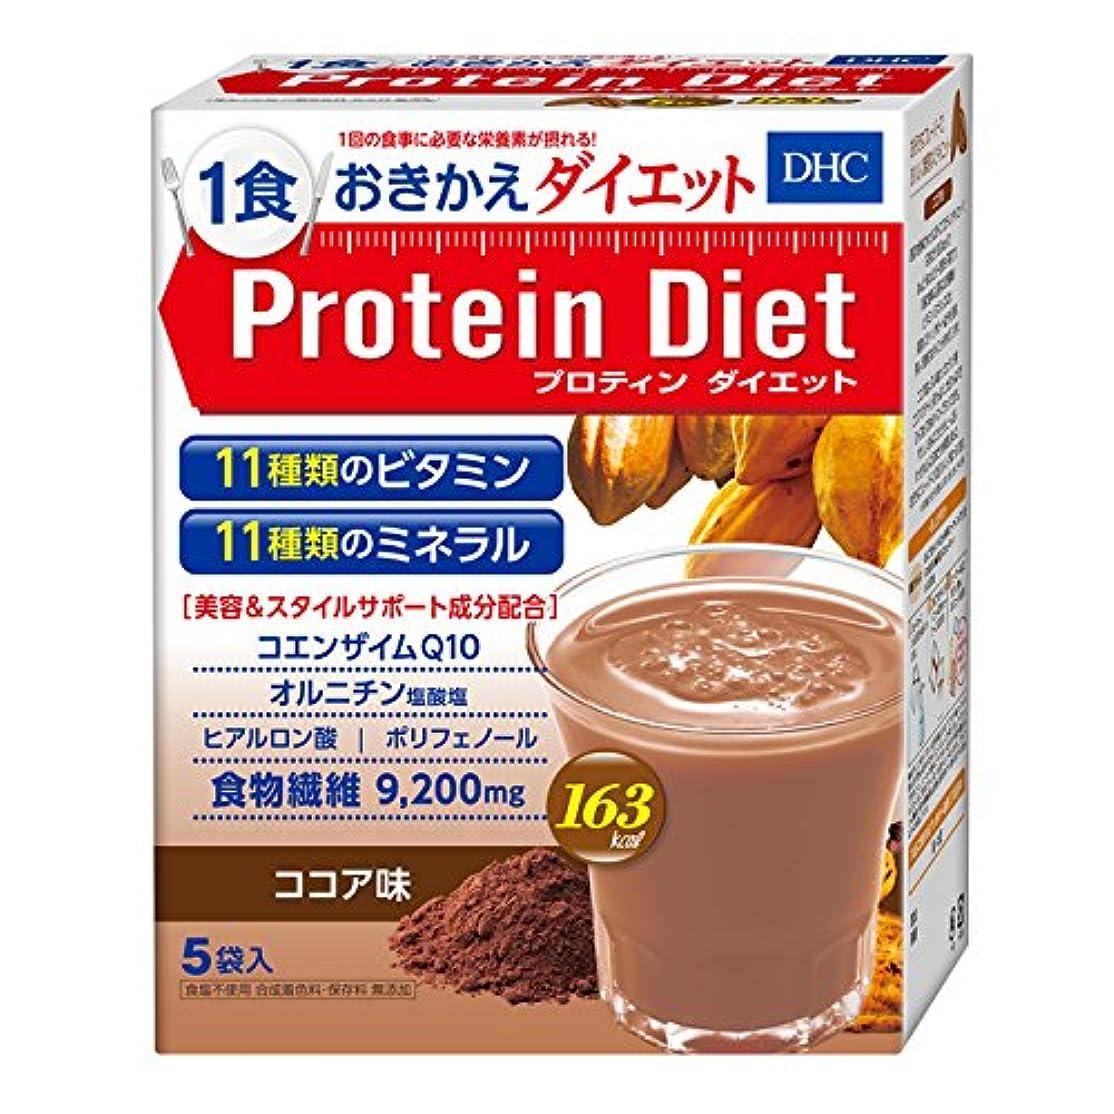 発見シリアルチョコレートDHCプロティンダイエット(ココア味)